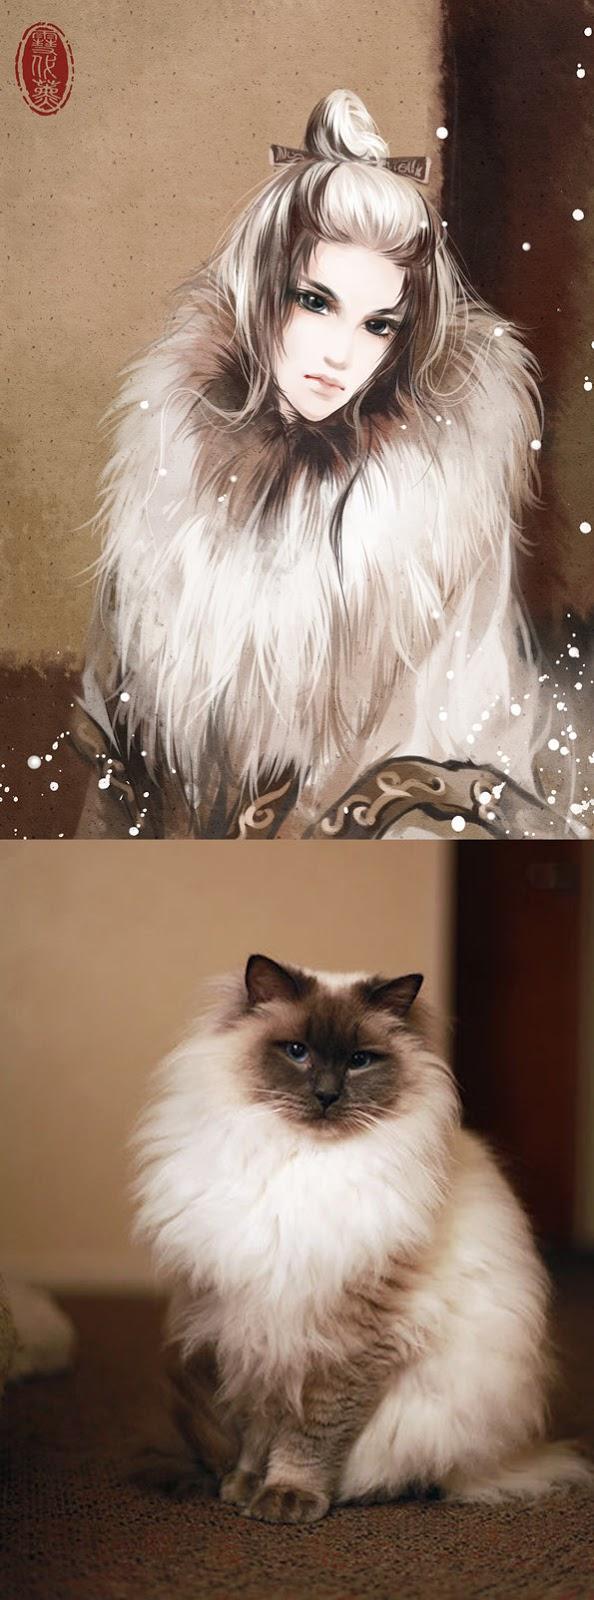 Kot narysowany jako kobieta z anime 14